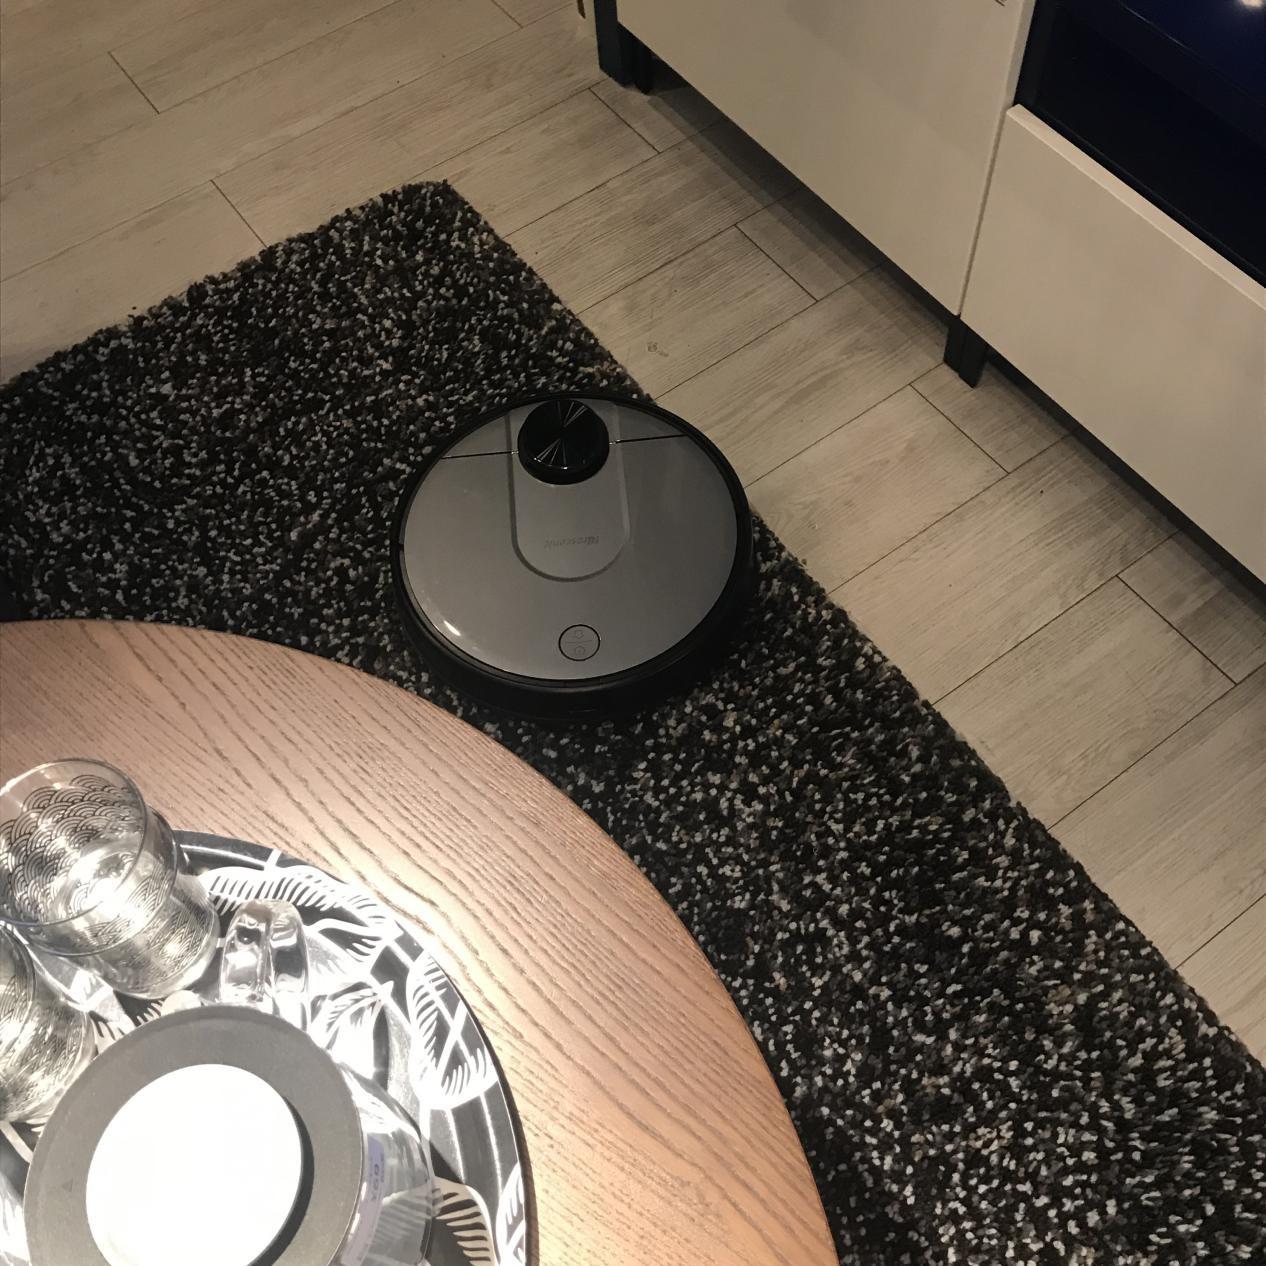 智能扫地机器人好用吗?哪种扫地机好用